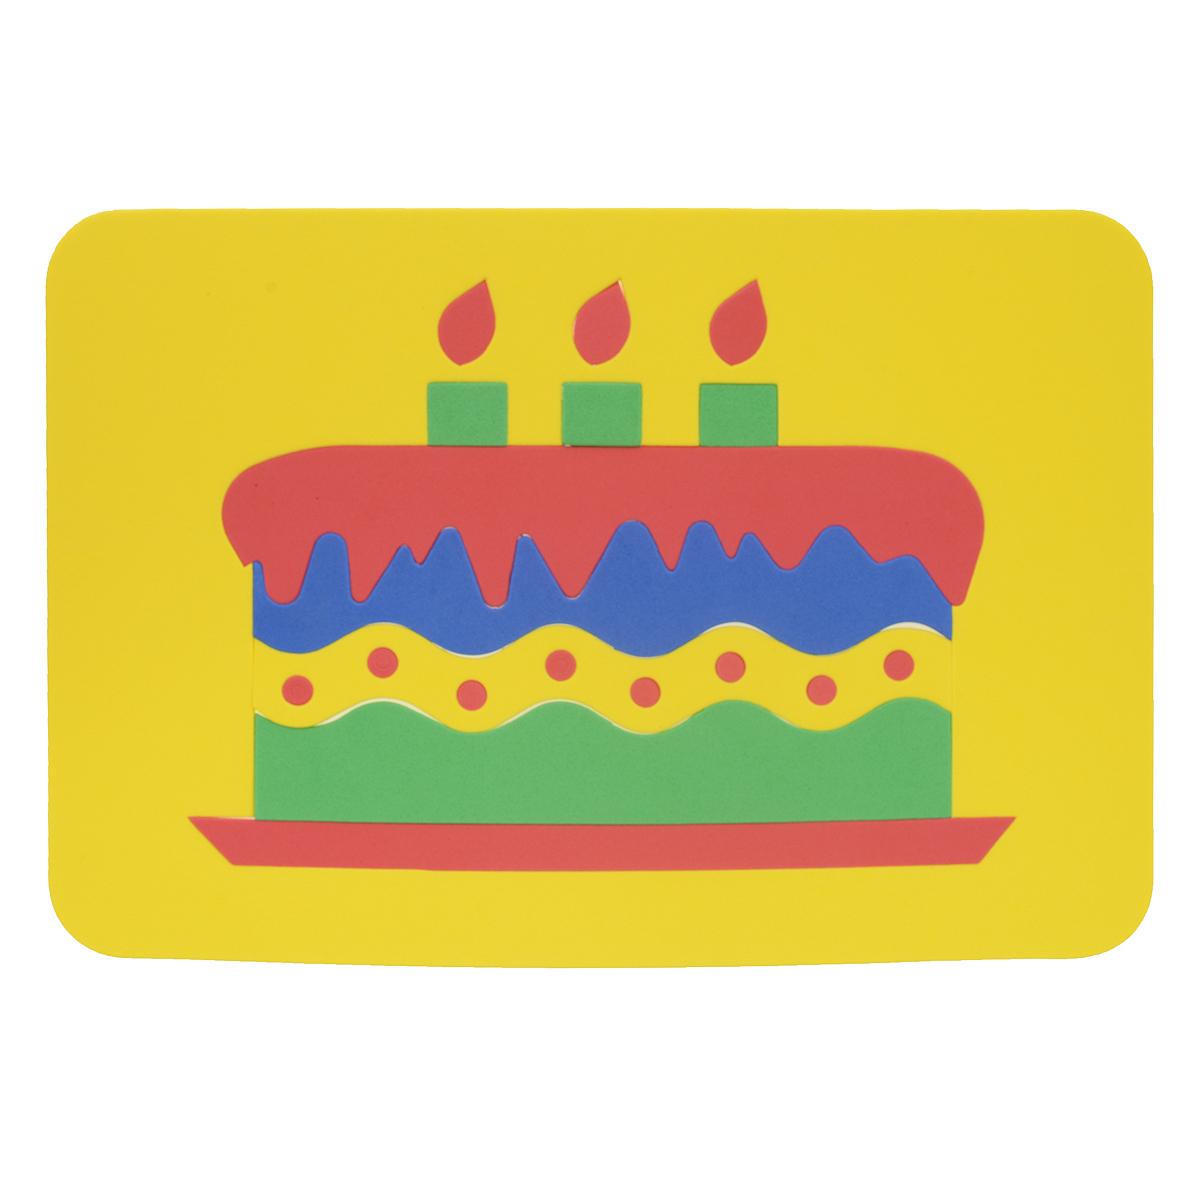 Август Пазл для малышей Торт цвет основы желтый27-2017_желтыйМягкая мозаика Торт выполнена из мягкого полимера, который дает юному конструктору новые удивительные возможности в игре: детали мозаики гнутся, но не ломаются, их всегда можно состыковать. Мозаика представляет собой рамку, в которой из 20 элементов собирается яркий и праздничный торт. Ваш ребенок сможет собрать его и в ванной. Элементы мозаики можно намочить, благодаря чему они будут хорошо прилипать к стене в ванной комнате. Такая мозаика развивает пространственное и логическое мышление, память и глазомер, знакомит с формами и цветом предмета в процессе игры.